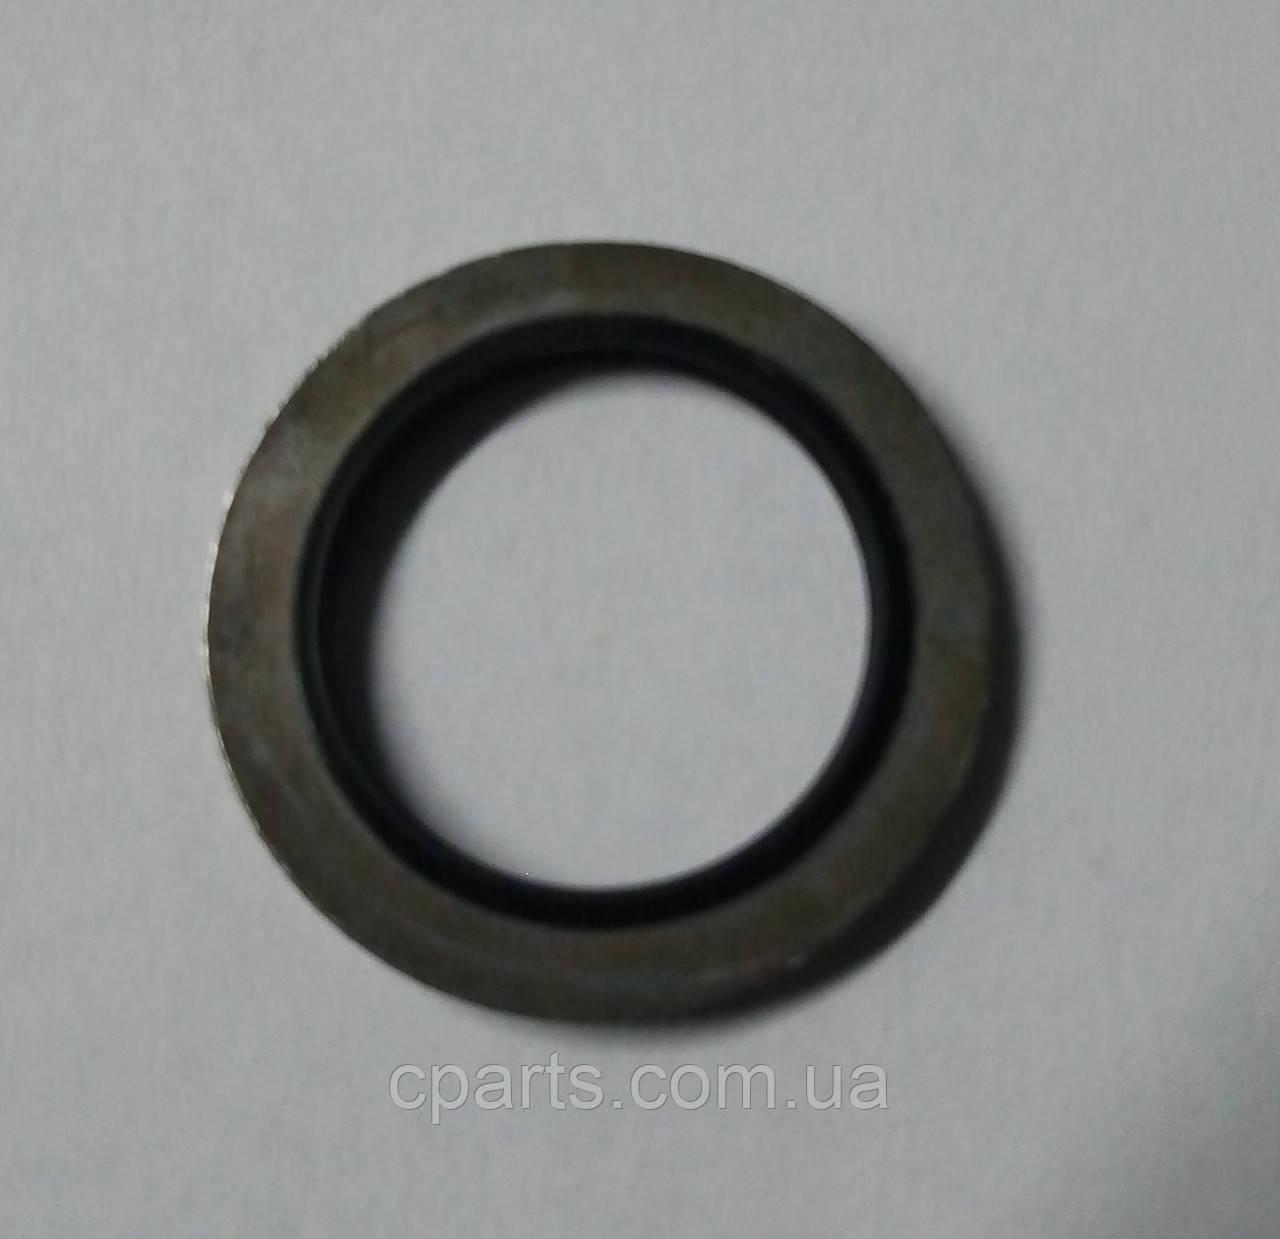 Кольцо прокладка масляной пробки Dacia Logan (Sasic 4001073)(высокое качество)